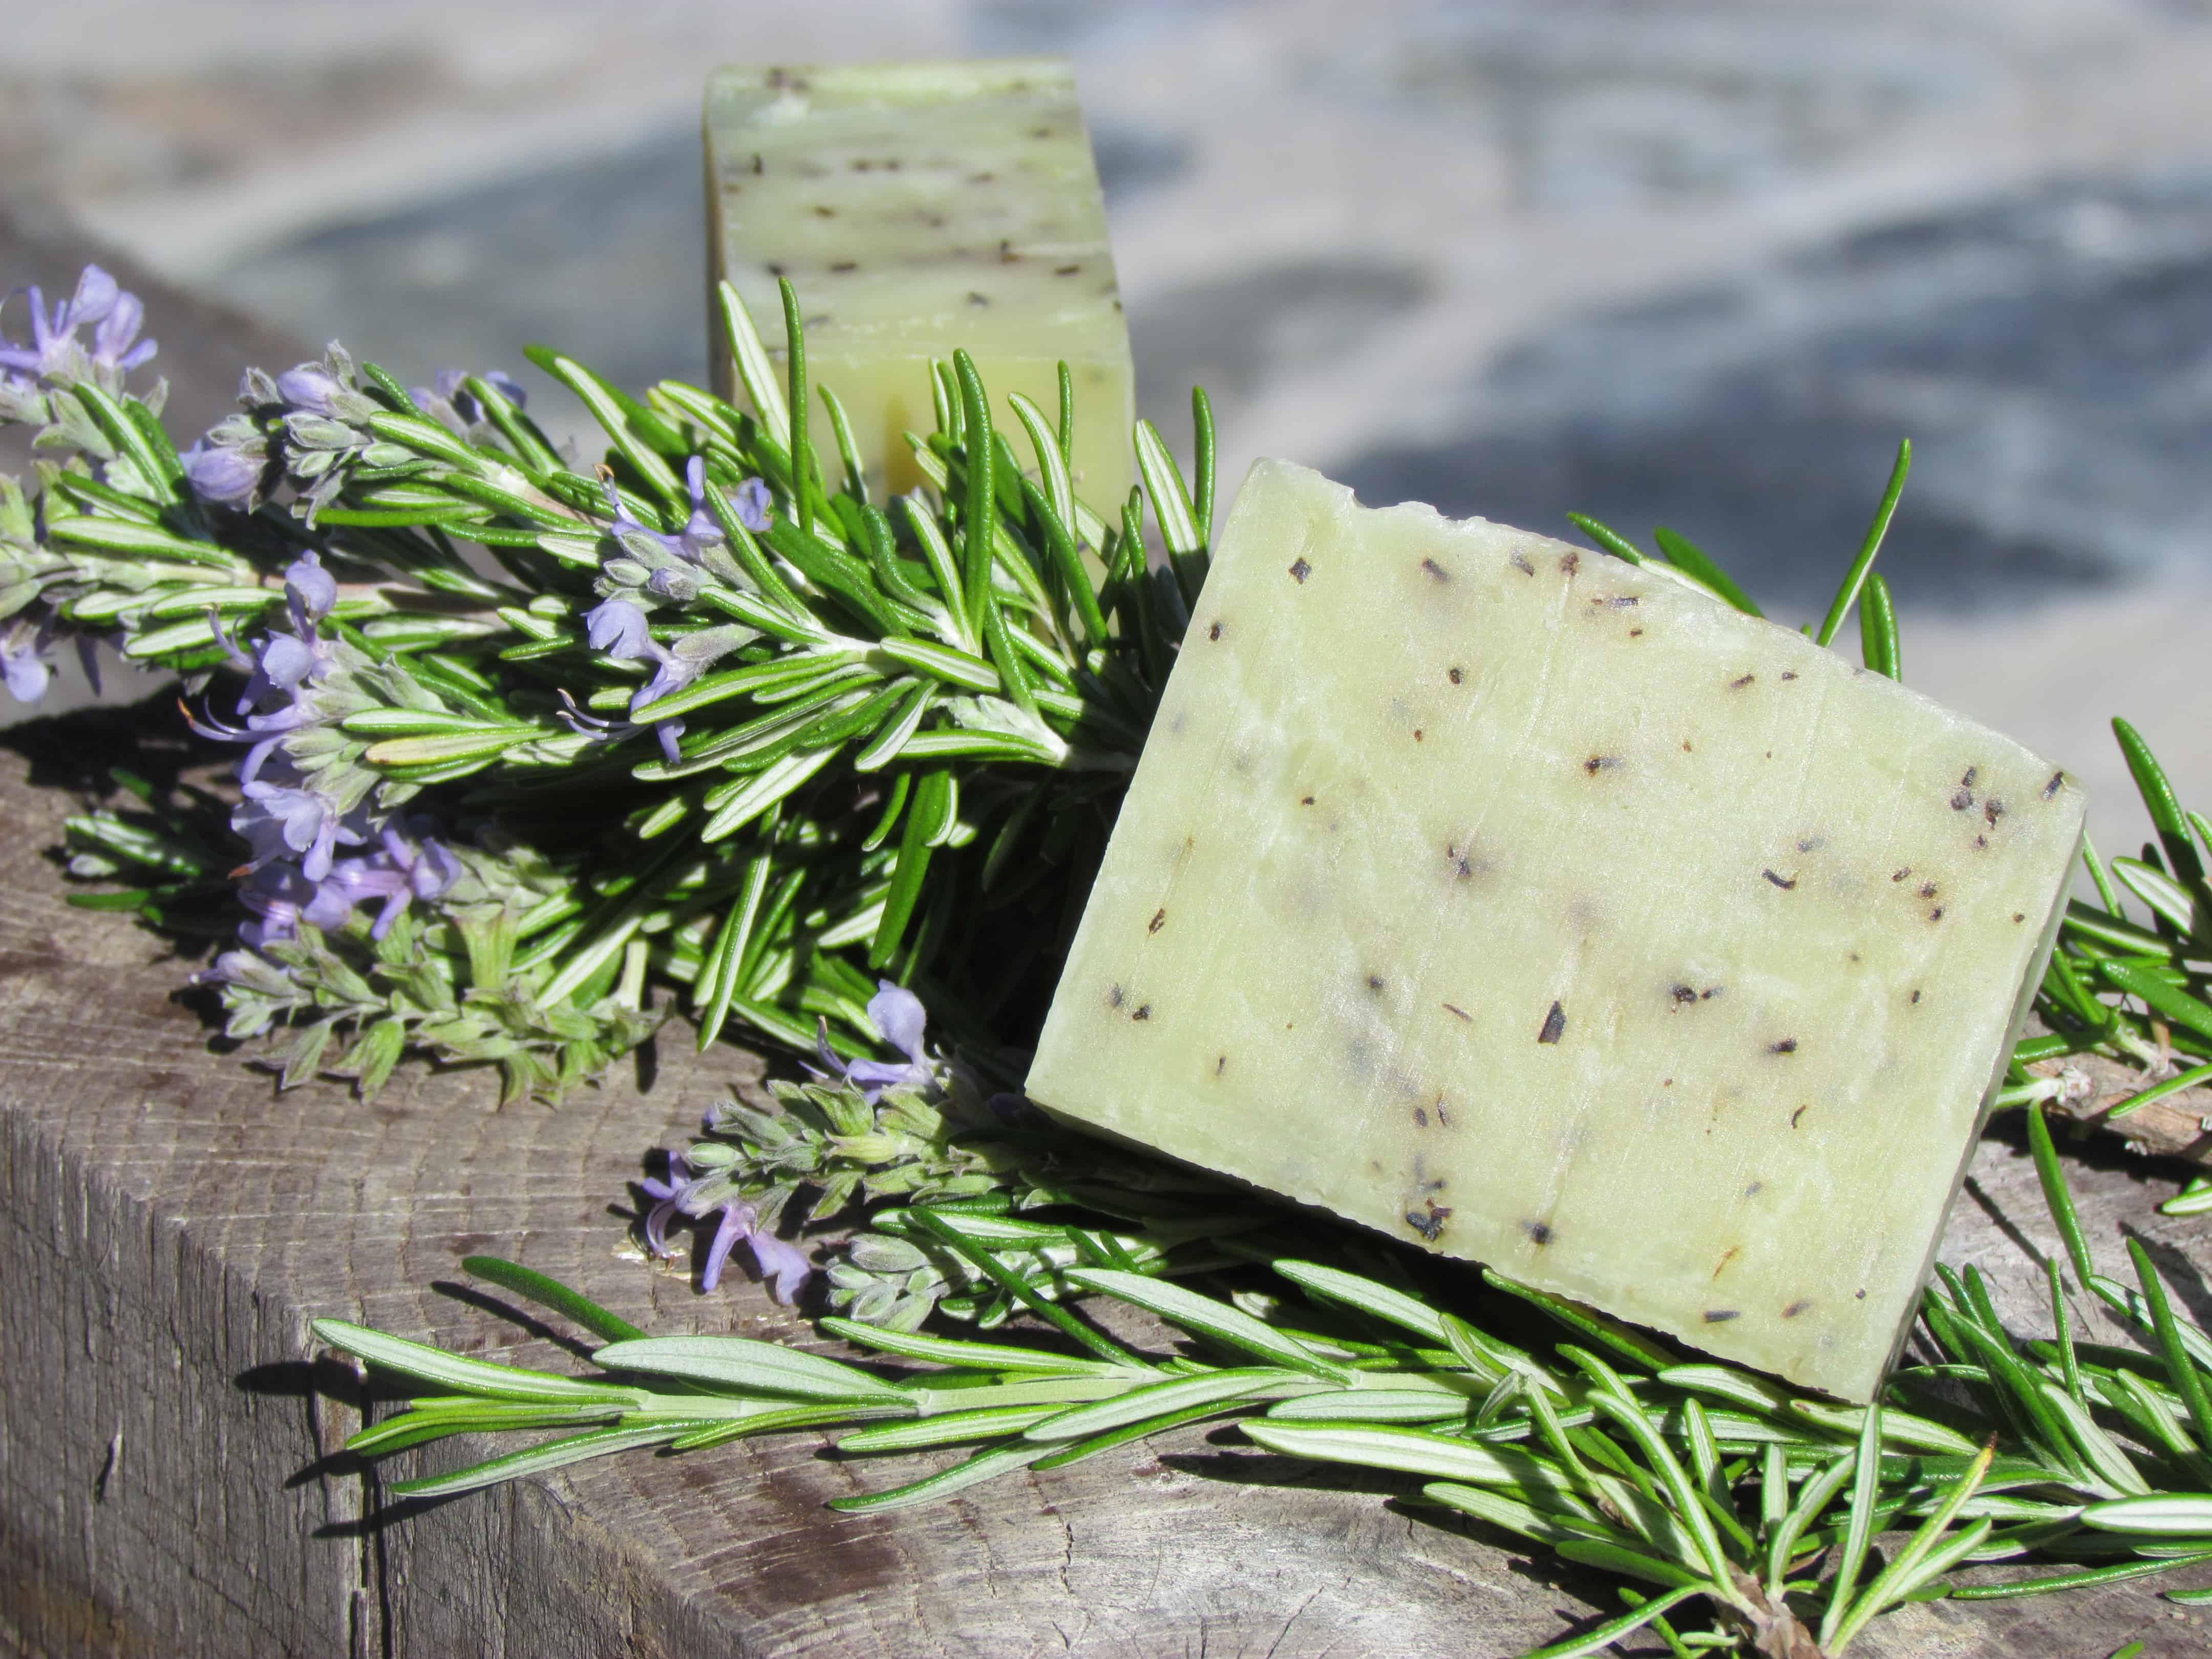 Aprender como fazer sabonete artesanal fitoterápico é excelente forma de ganhar dinheiro e preservar a saúde.